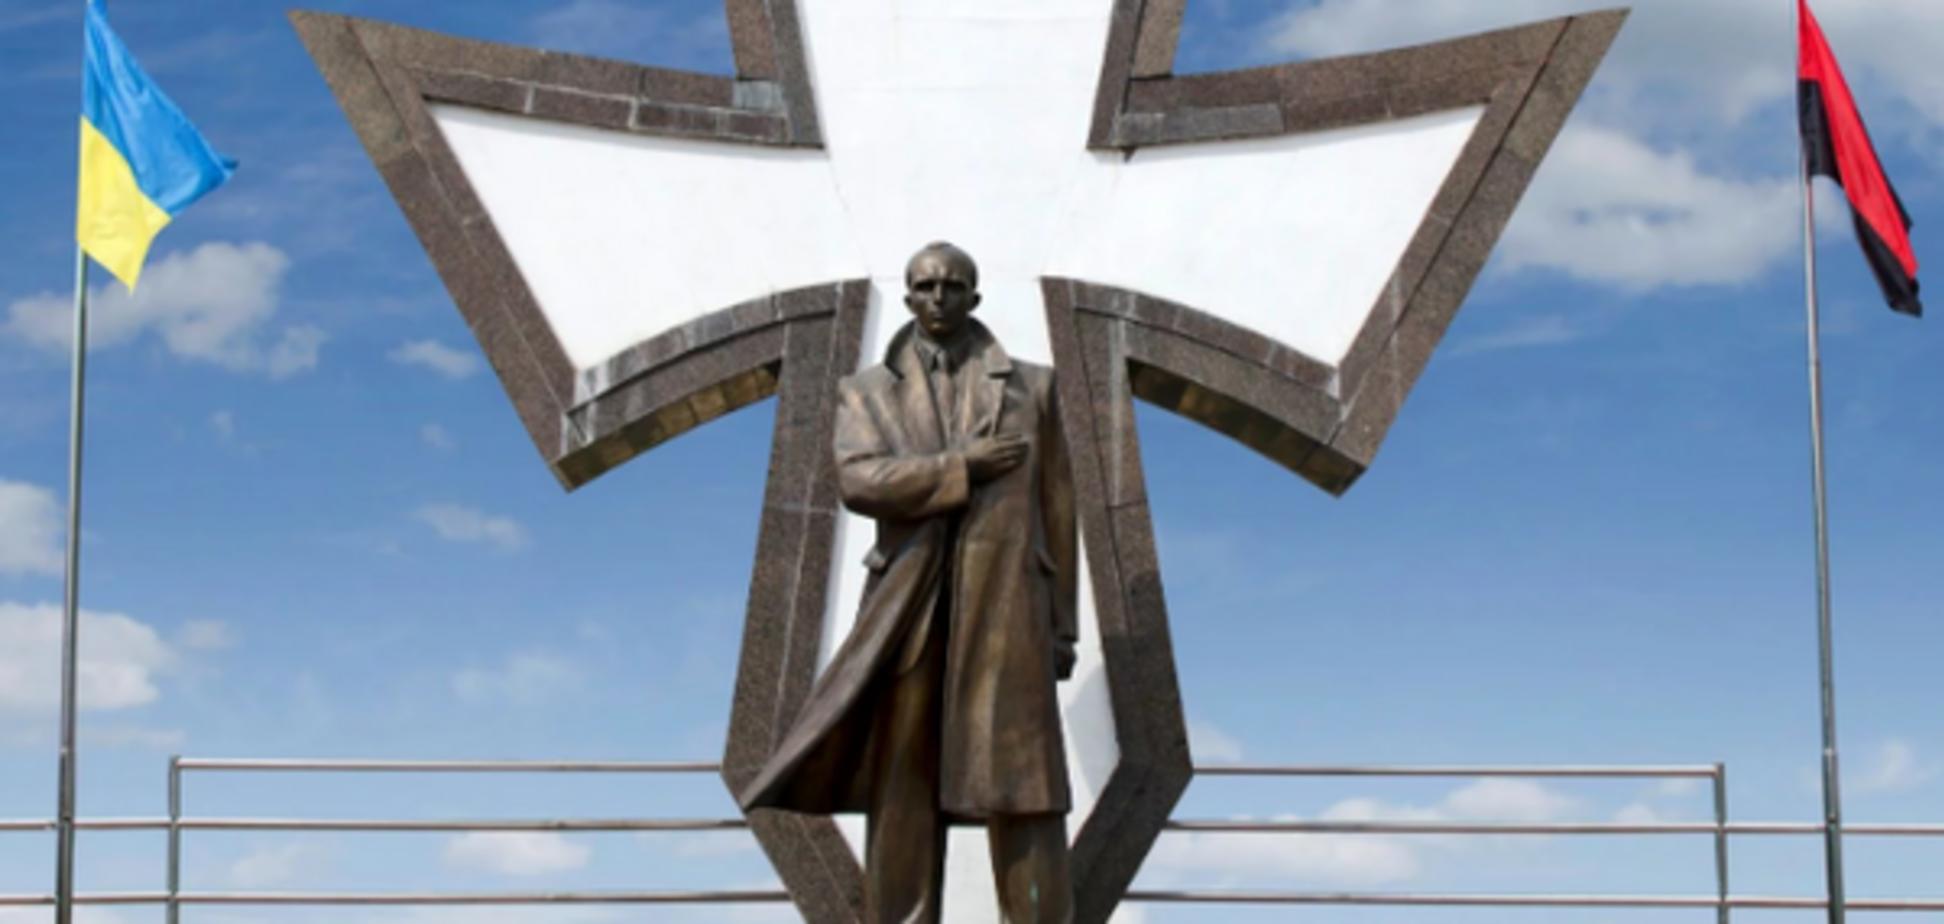 ''Символ борьбы за свободу!'' Украинцы празднуют юбилей со дня рождения Бандеры